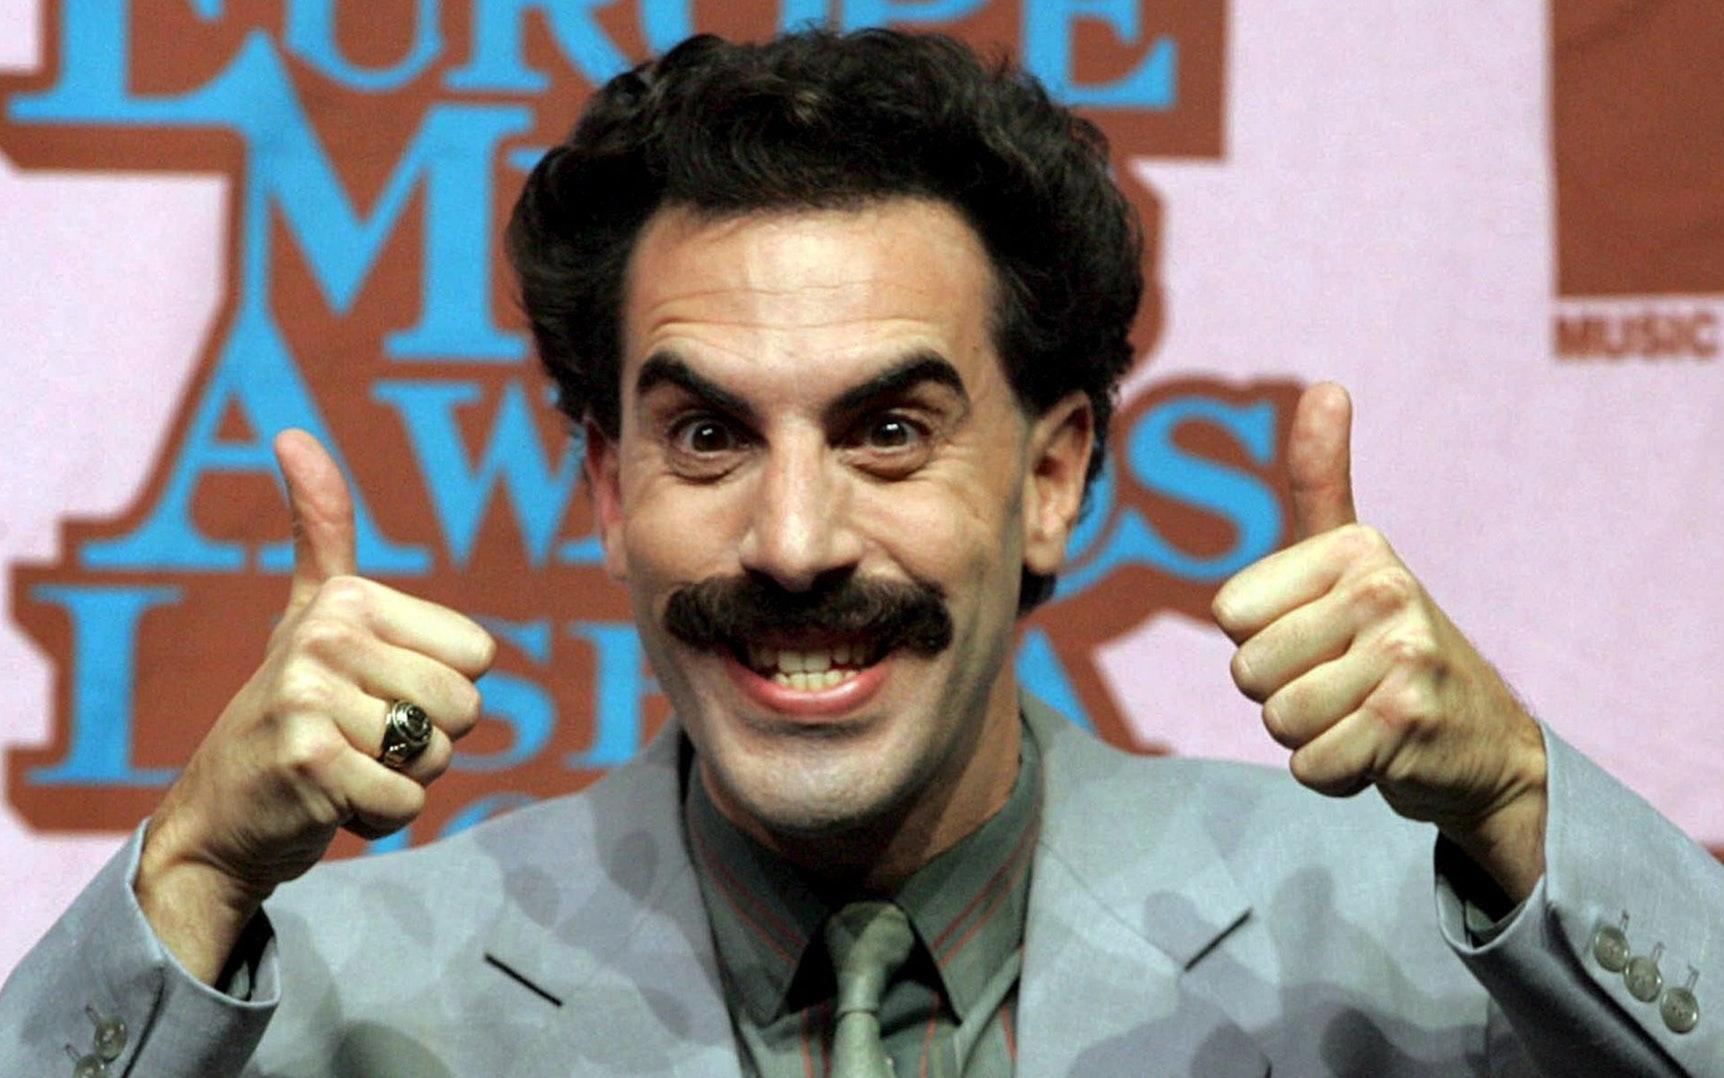 Borat: Nackte Puppe mit Maske auf dem Penis in London